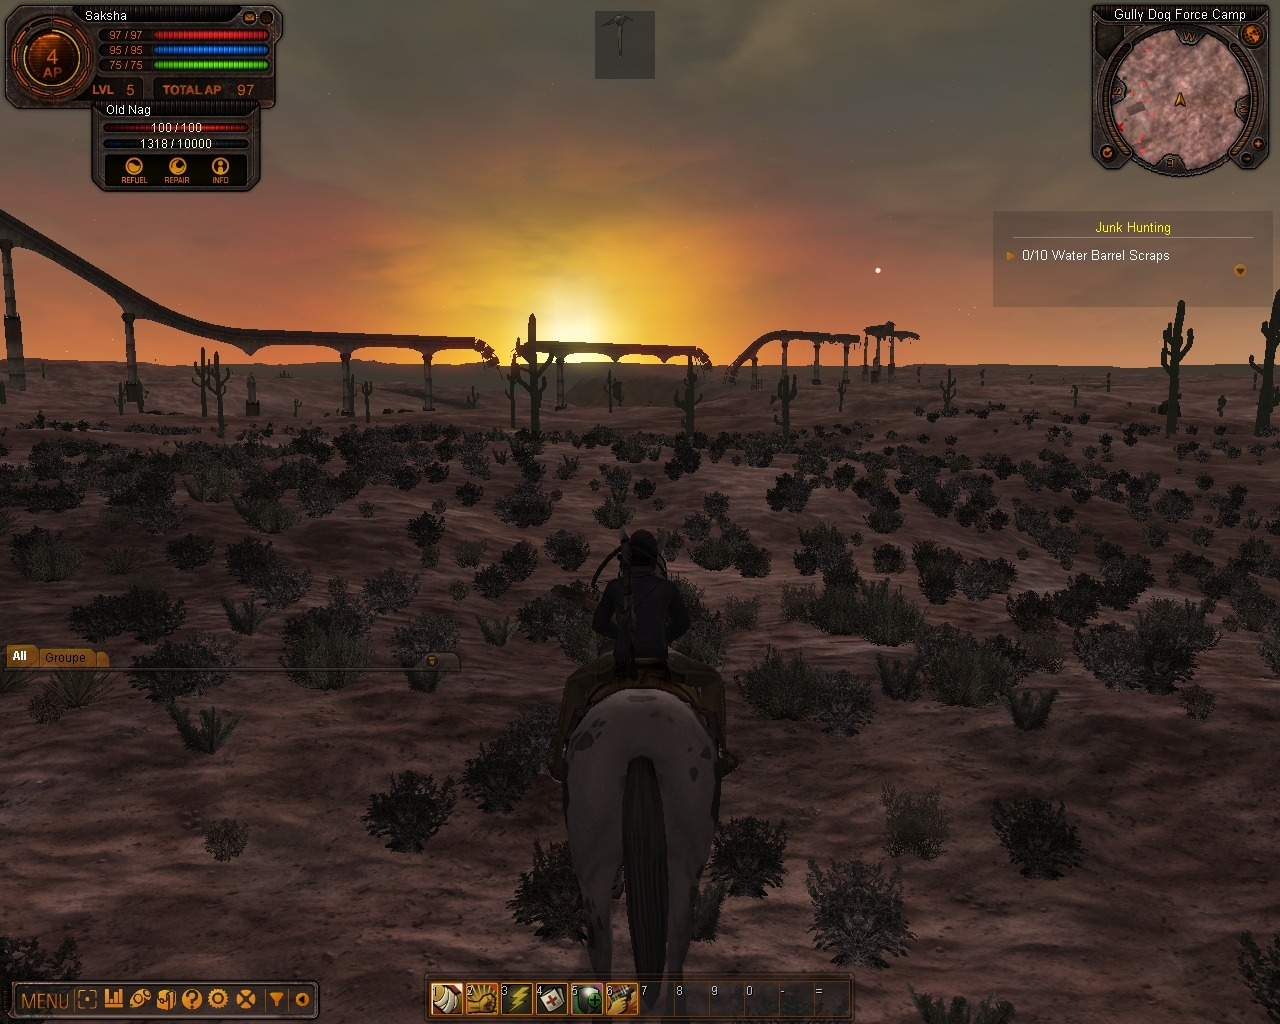 jeuxvideo.com Fallen Earth - PC Image 30 sur 99